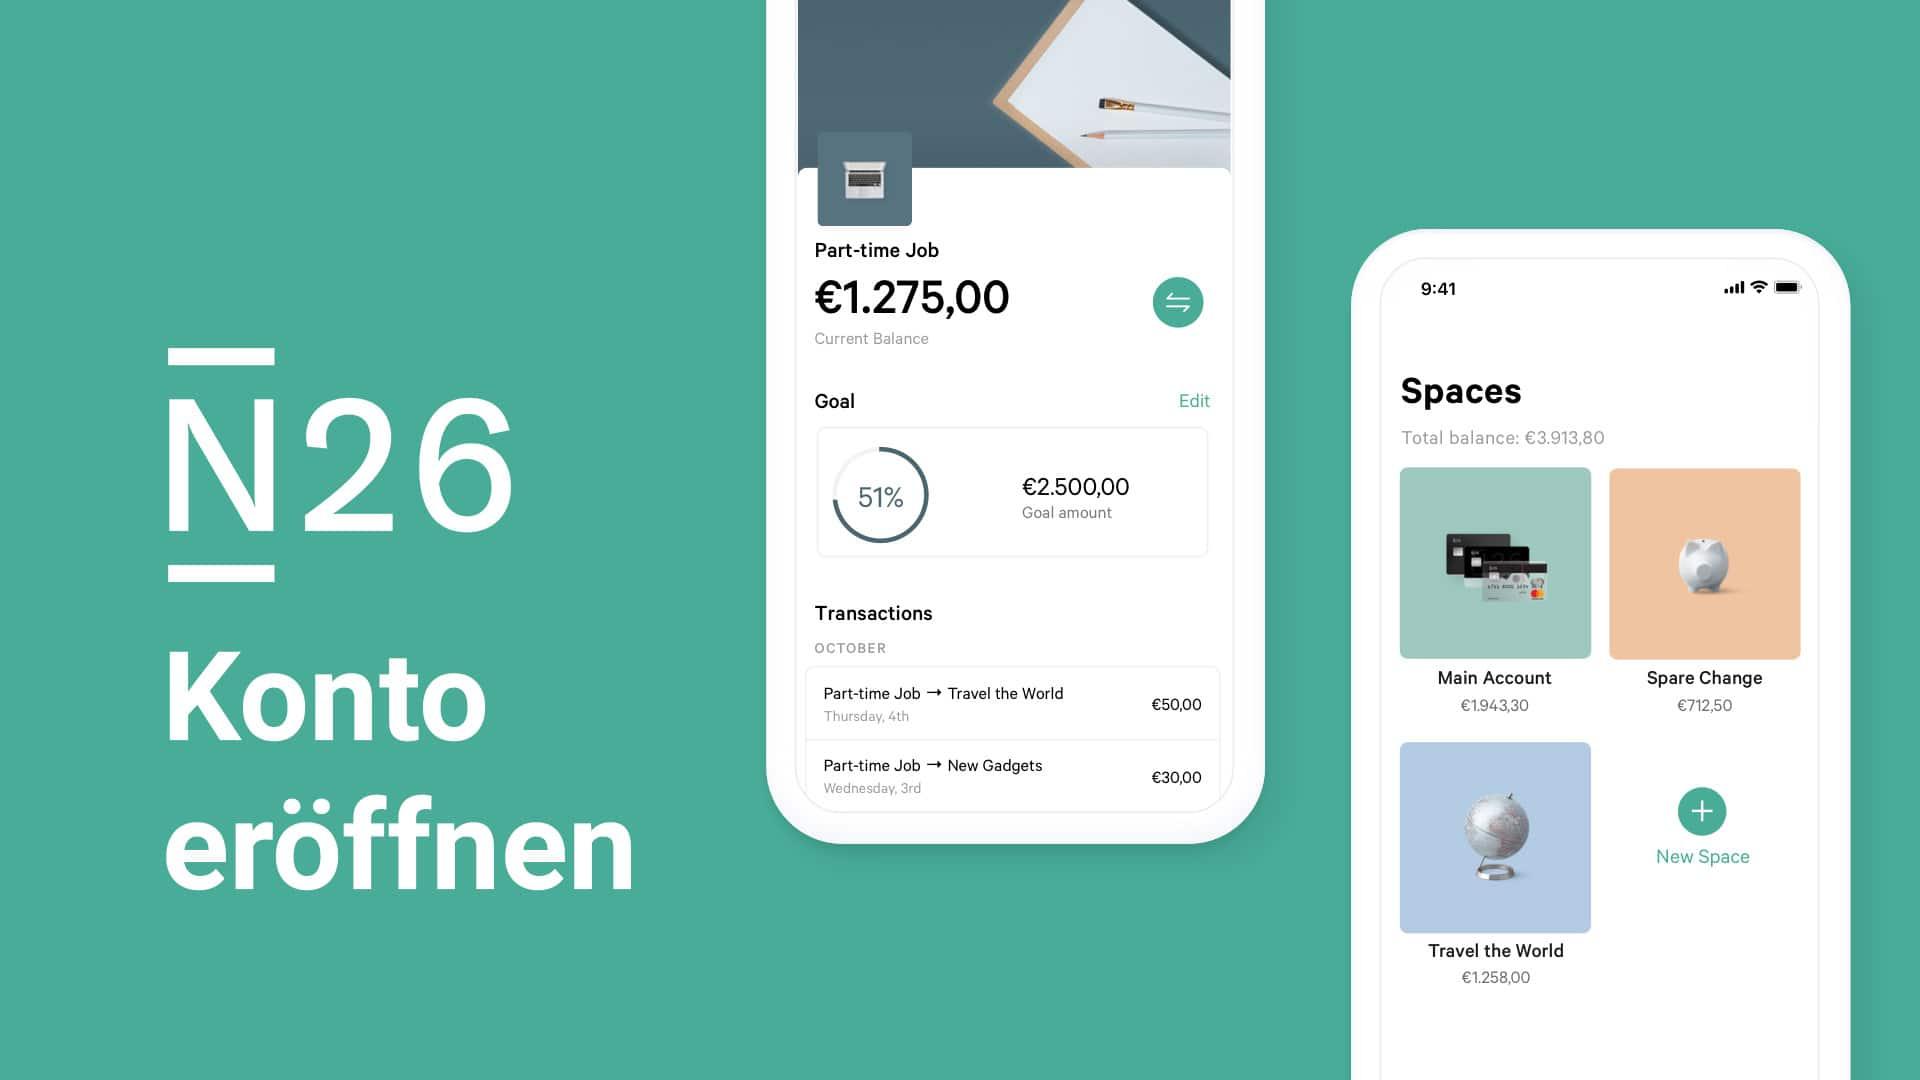 N26 Konto eröffnen - digitalewelt.at